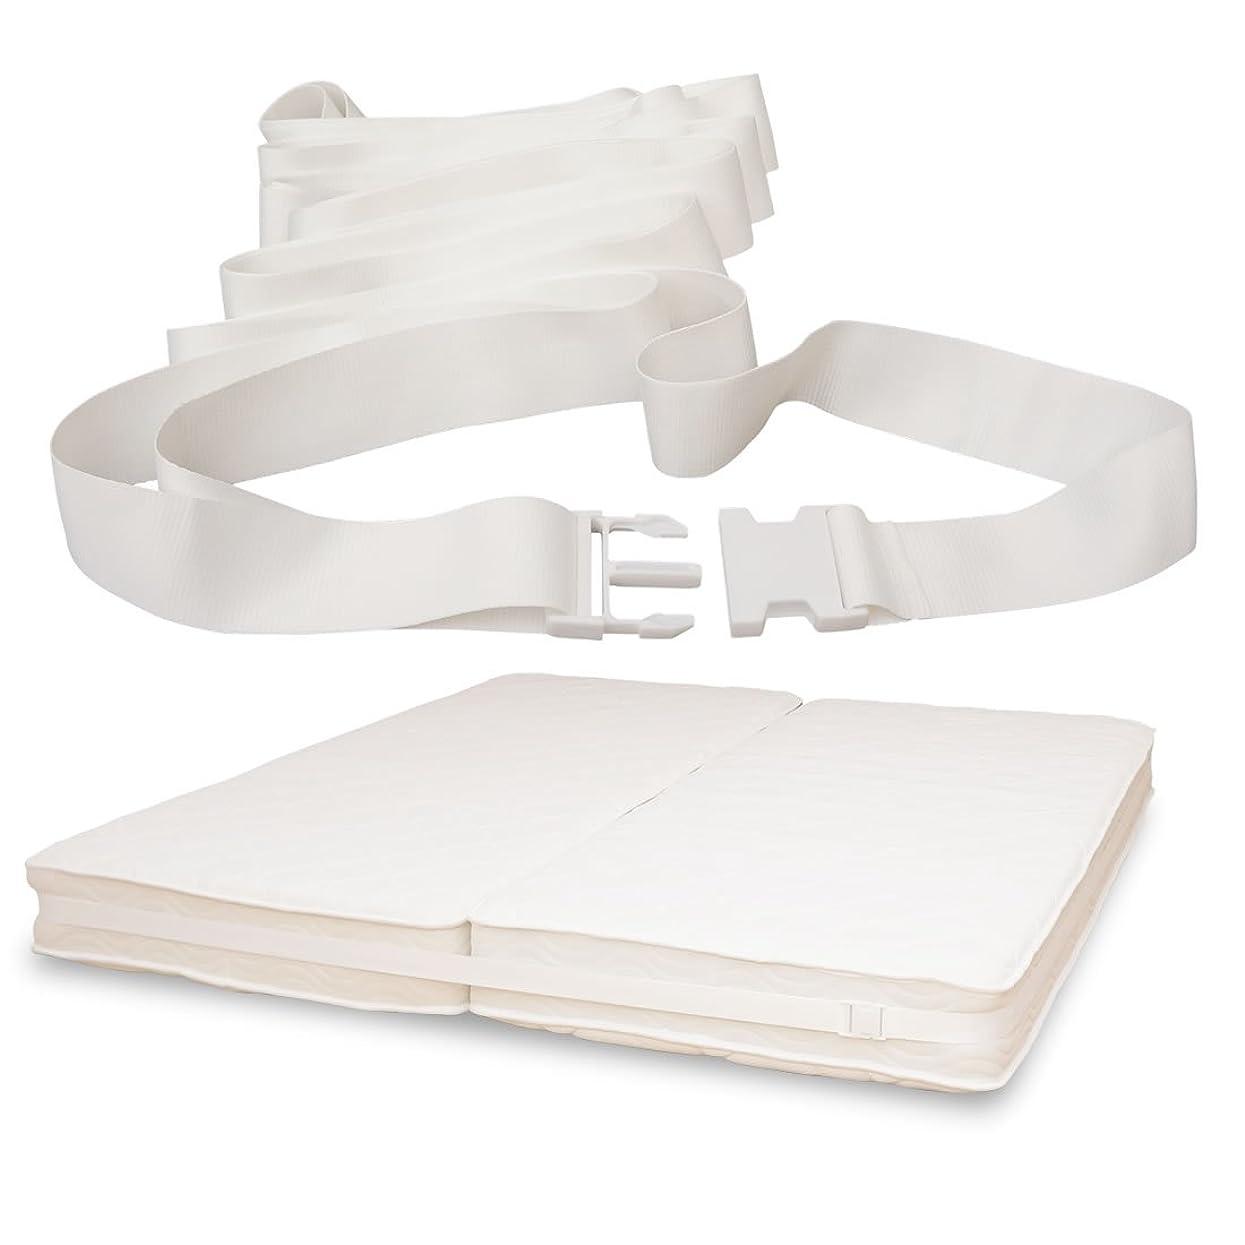 帝国地図タックマットレス バンド MB002 2台のマットレスをしっかり固定 ベッドのすきまに (ホワイト)